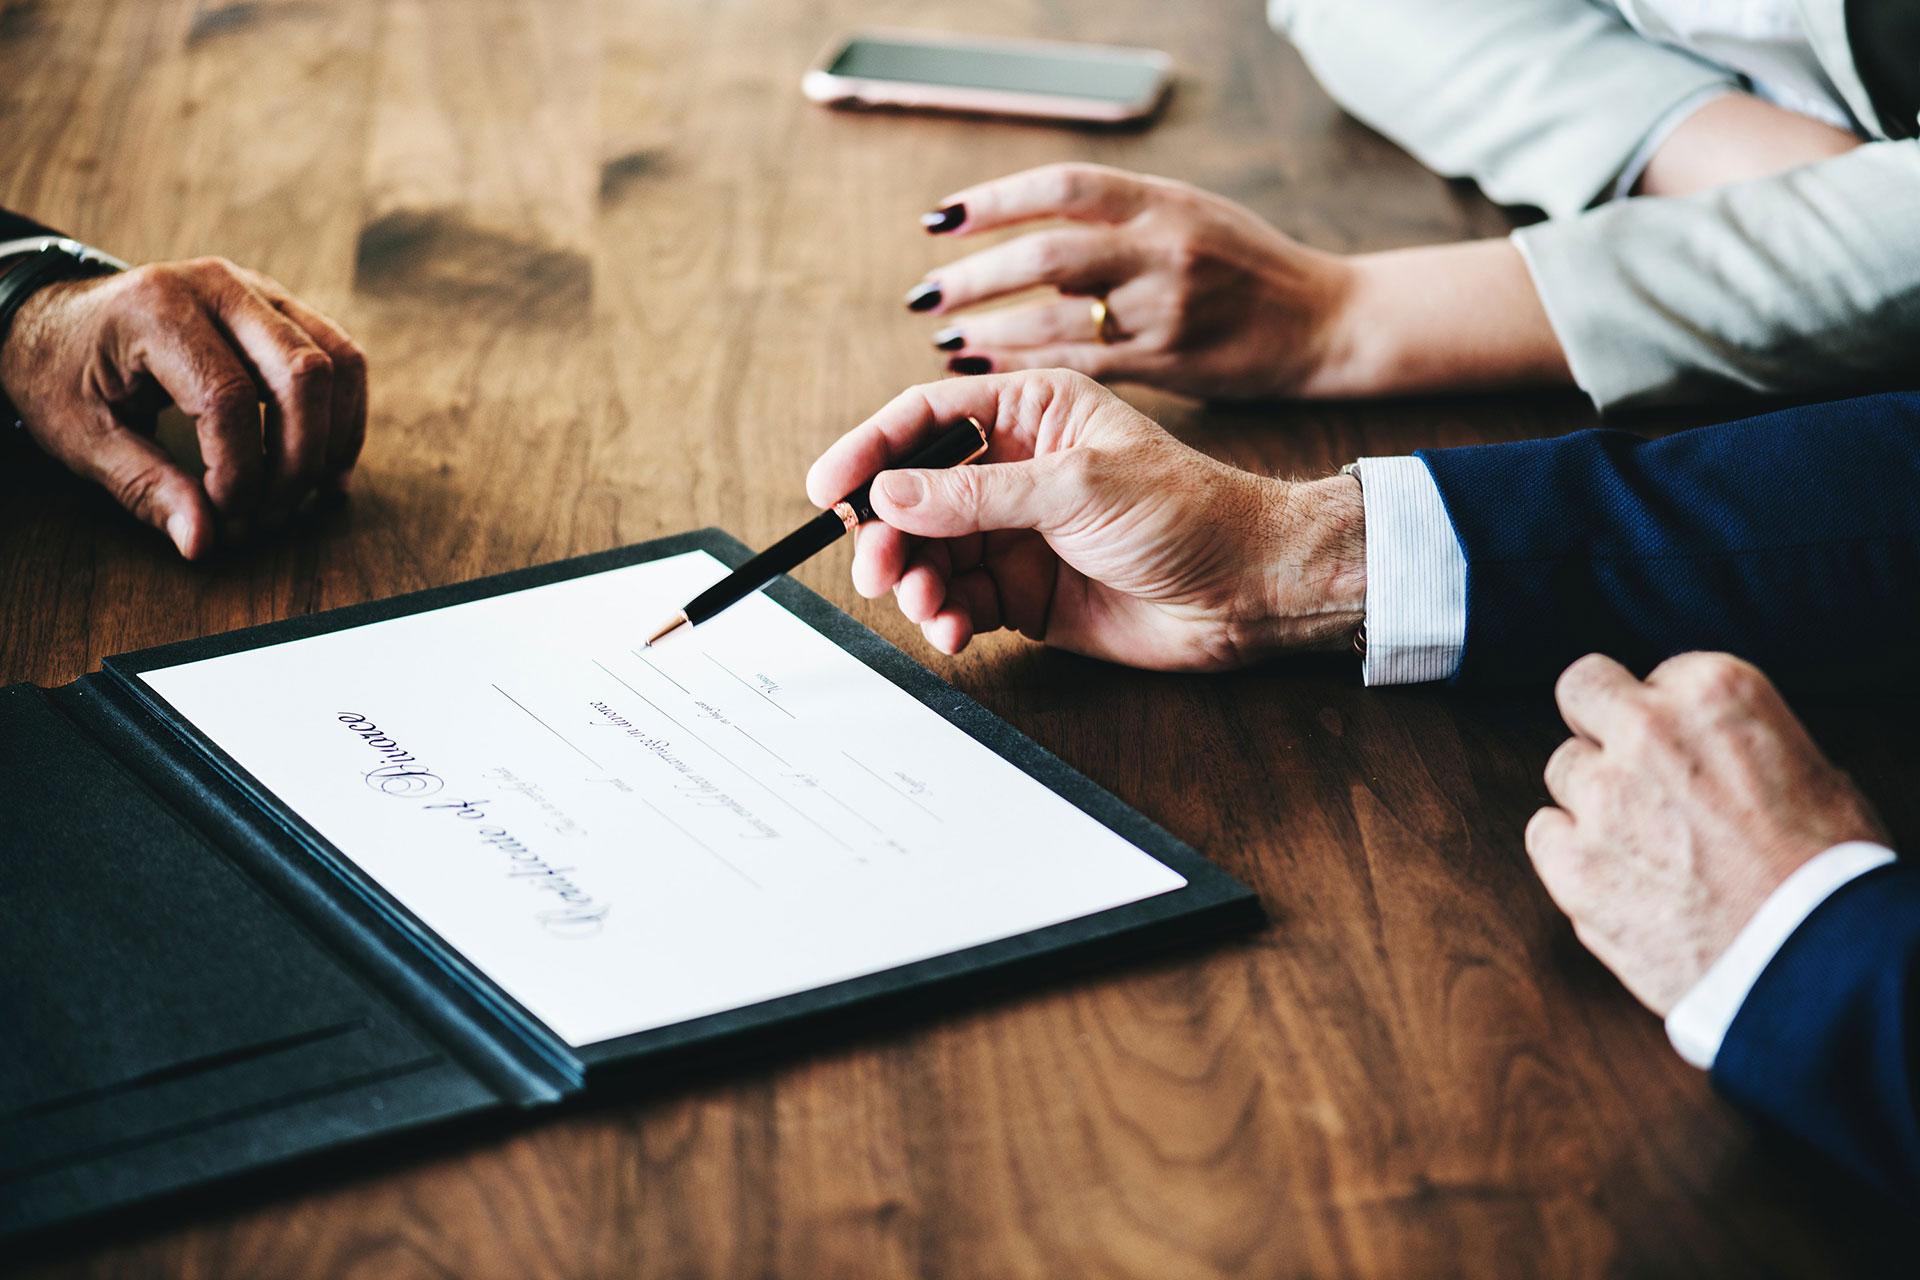 גירושין כמשבר במשפחה